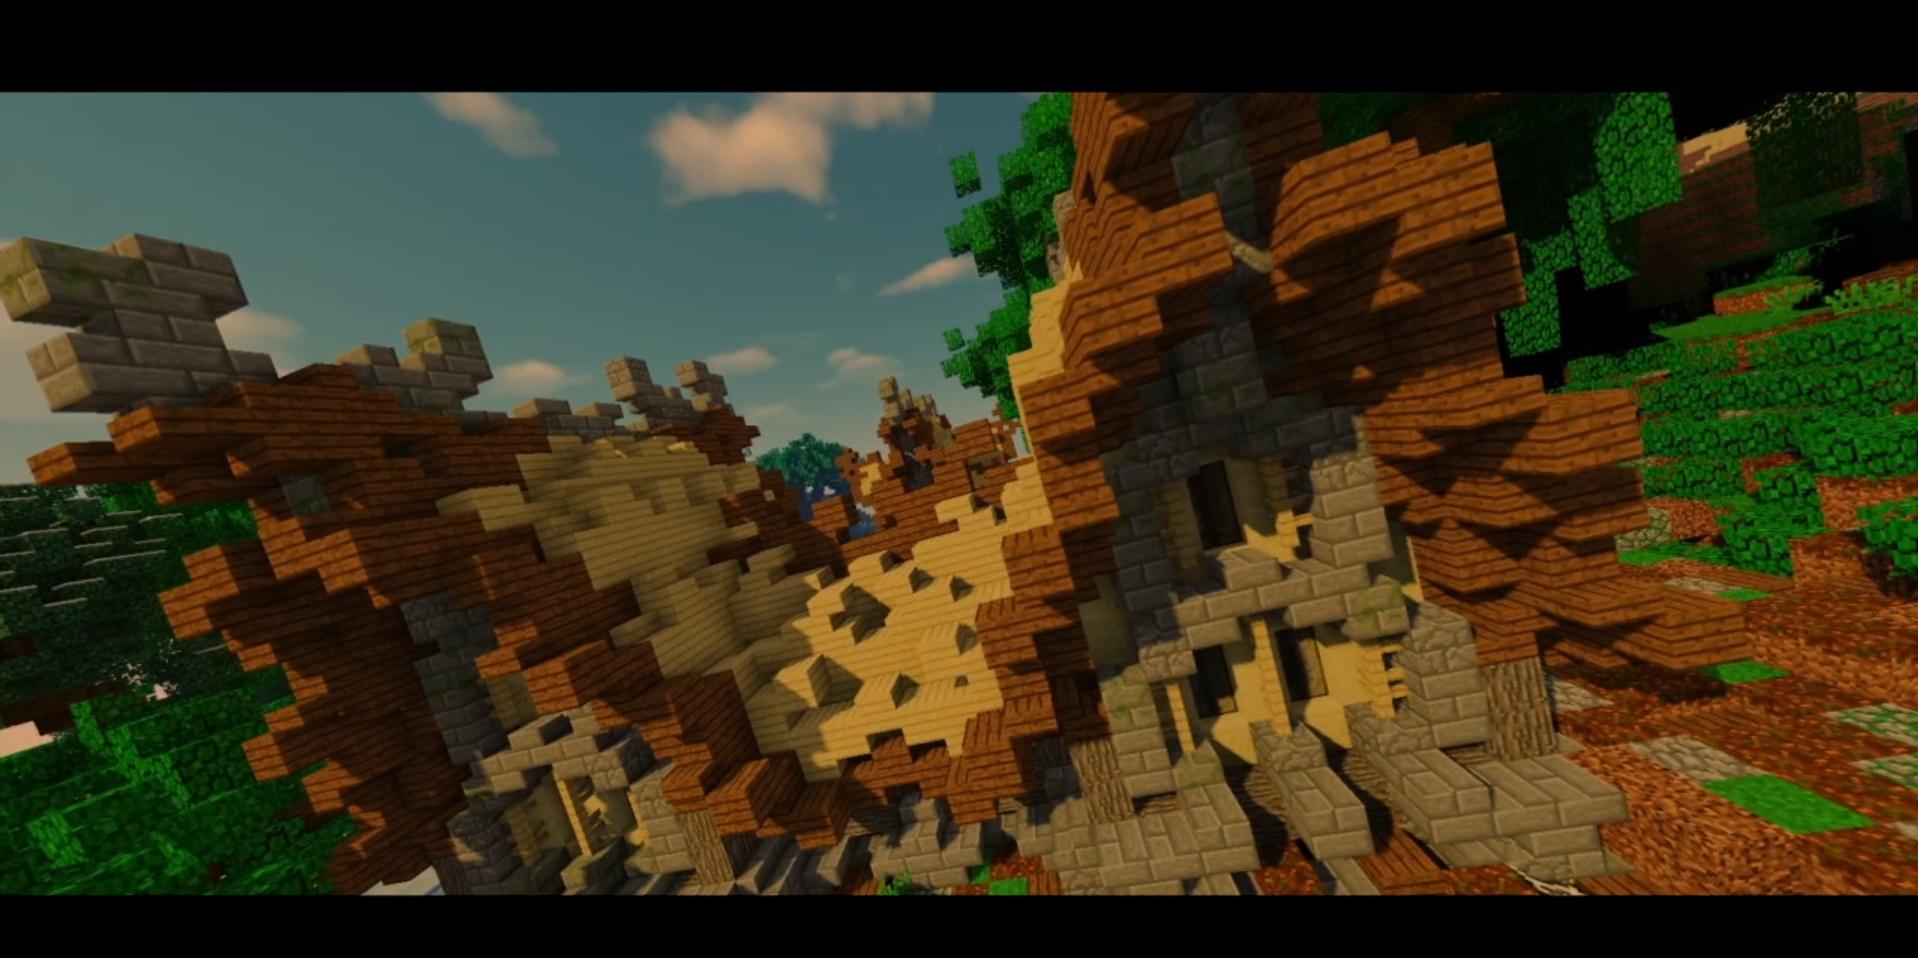 Minecraft Cinematic Video